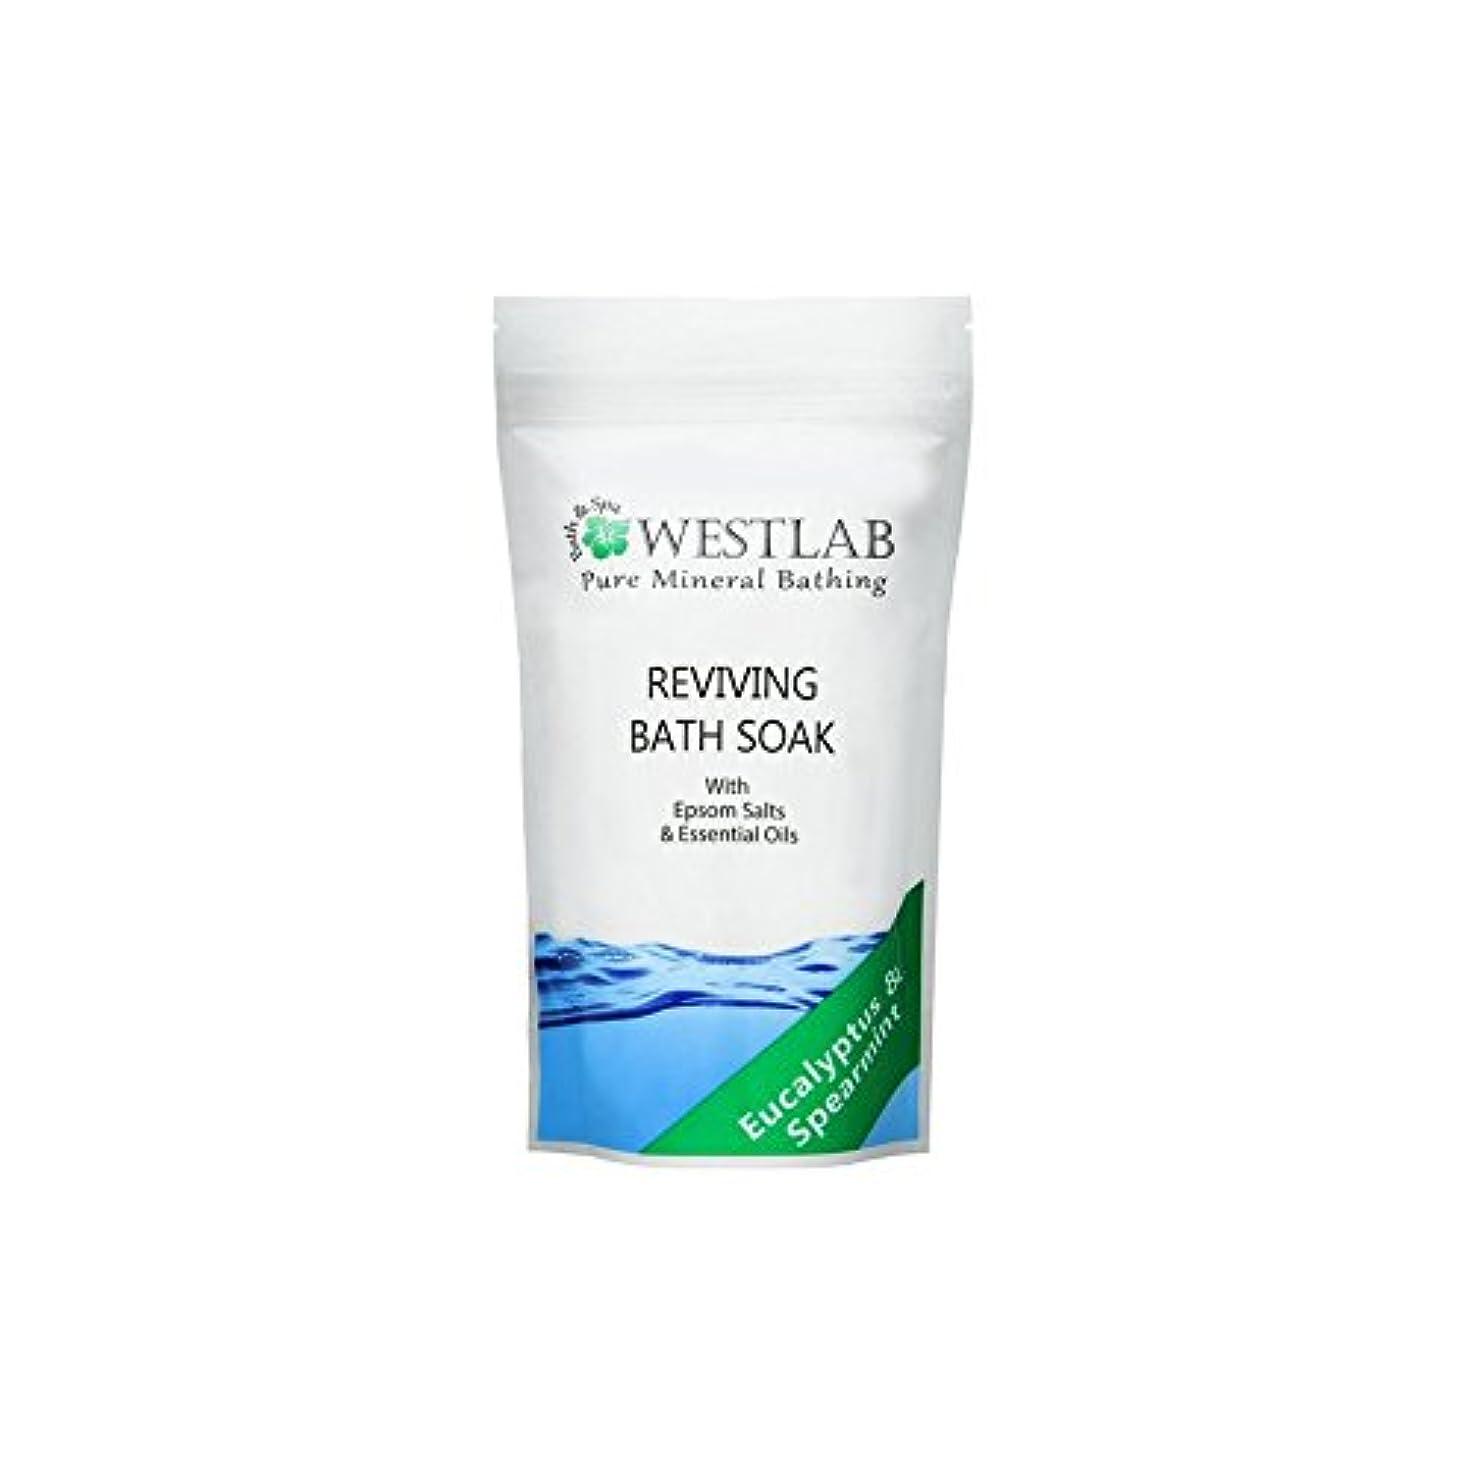 立法授業料責任者Westlab Revive Epsom Salt Bath Soak (500g) - (500グラム)をソークエプソム塩浴を復活させます [並行輸入品]